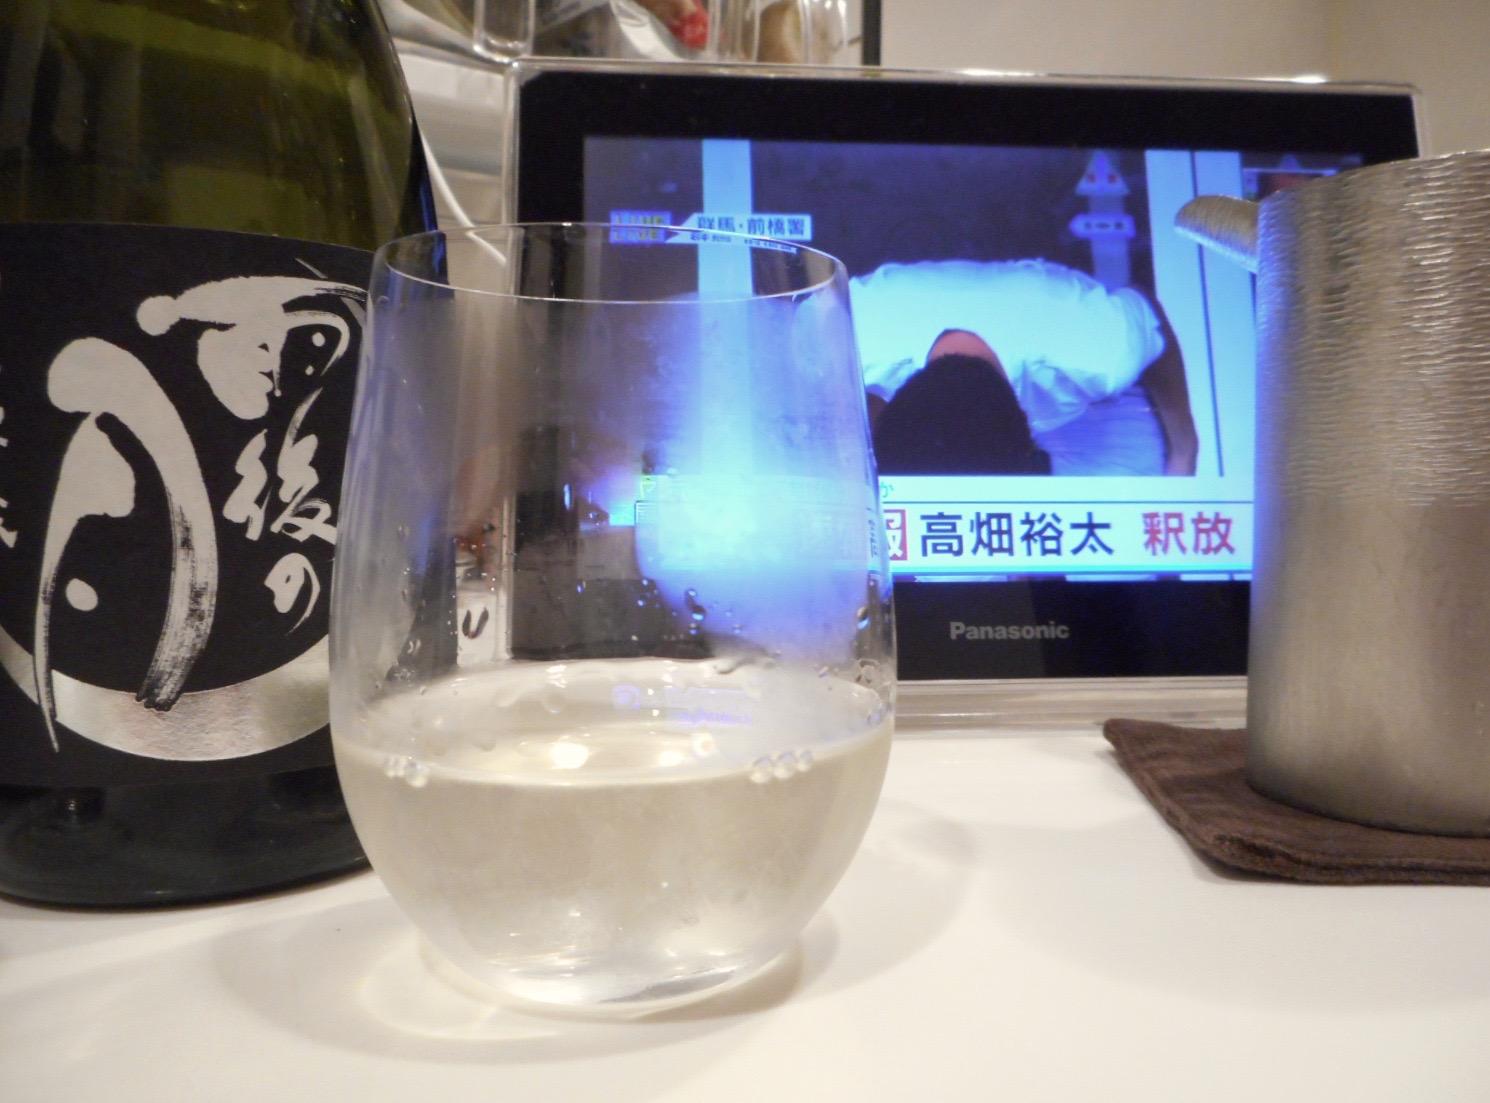 ugonotsuki_jundai_aiyama27by4.jpg